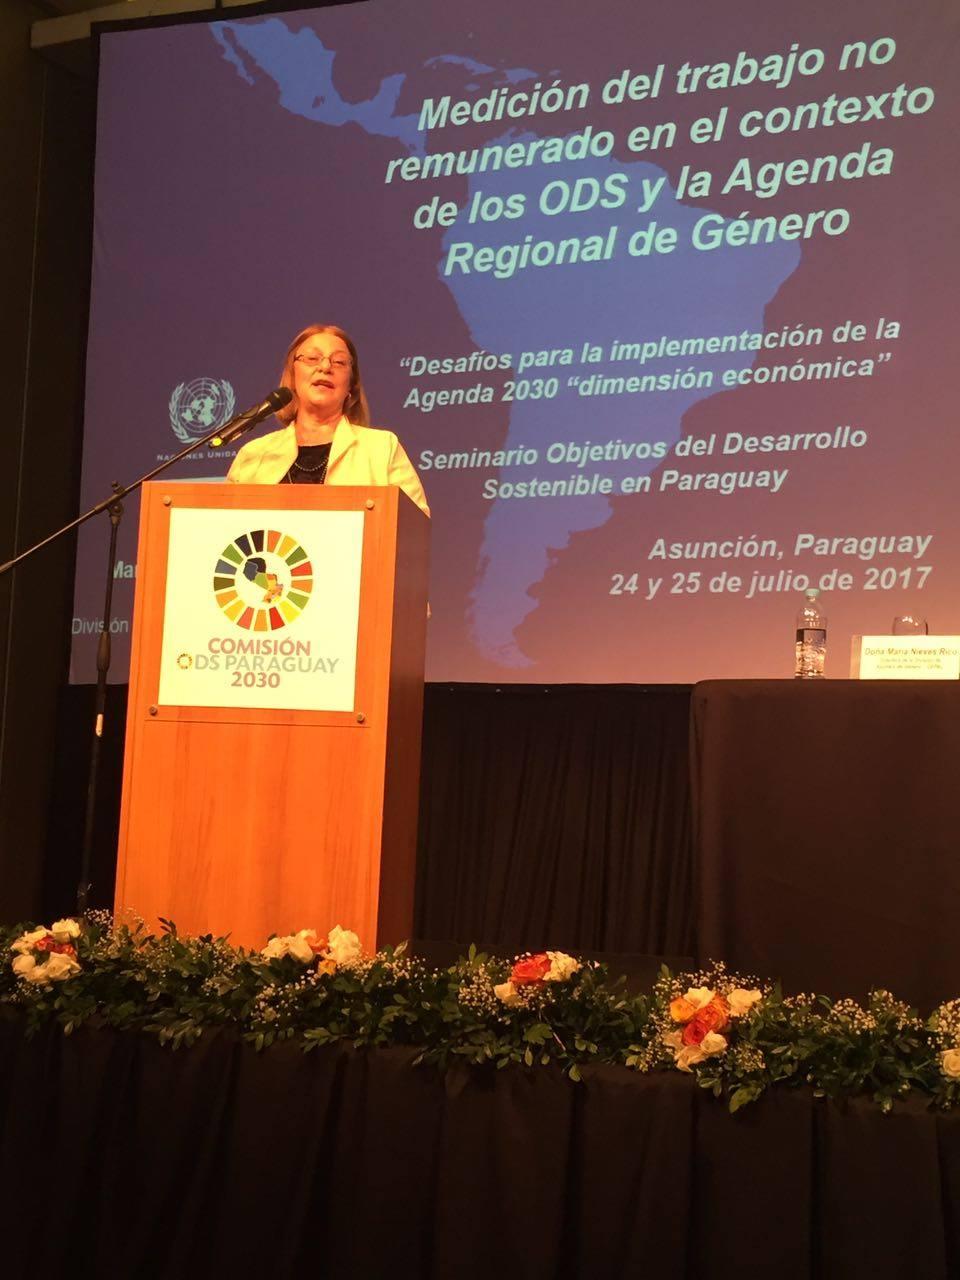 La dimensión económica de la Agenda 2030 para el Desarrollo Sostenible es clave para alcanzar la igualdad de género en América Latina y el Caribe.